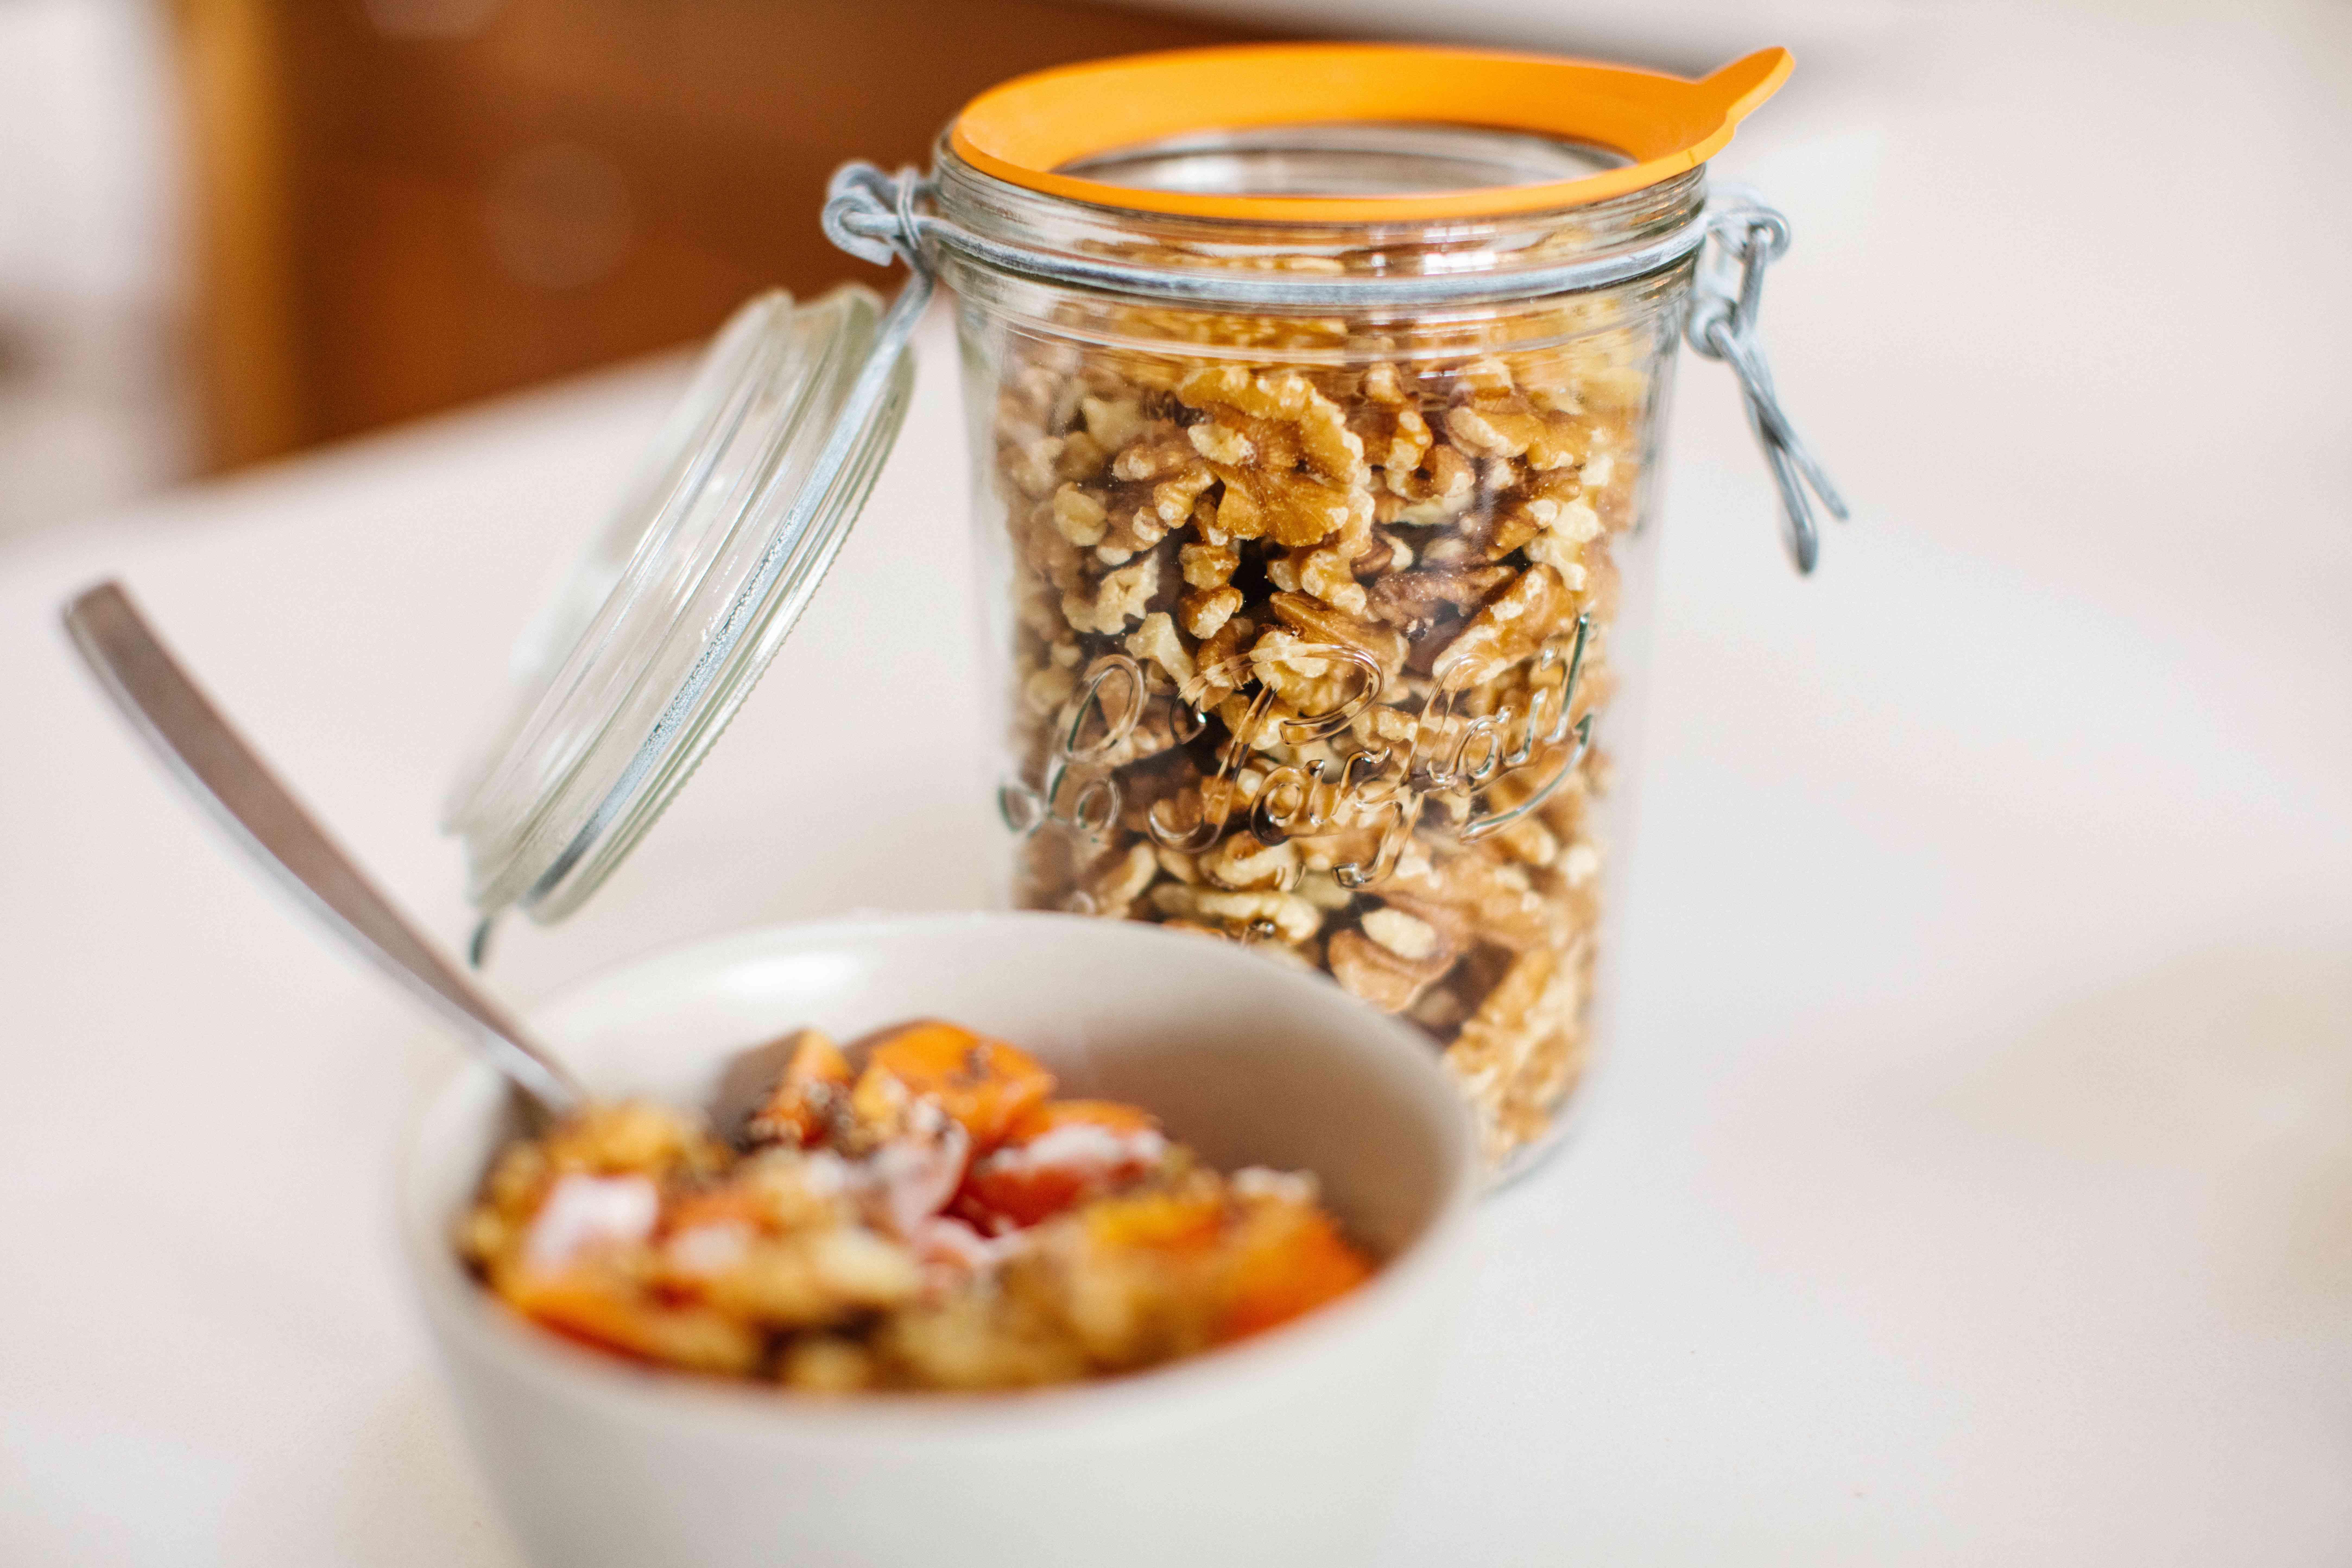 Le Parfait reusable glass jar with granola